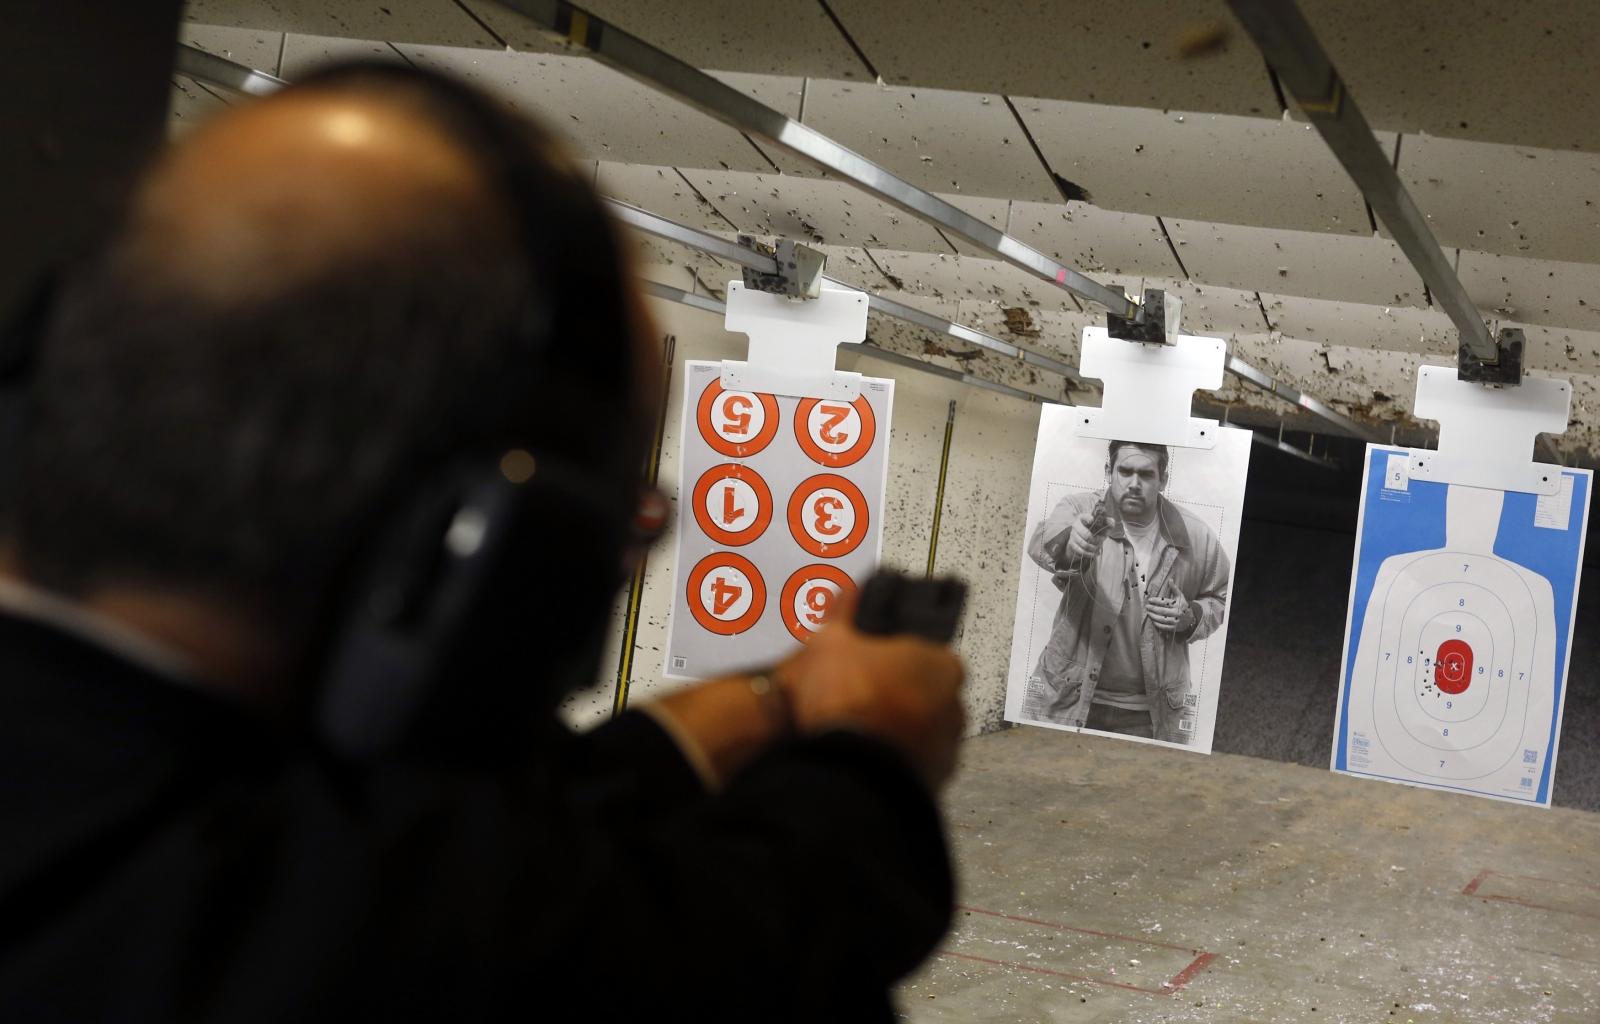 Dennis Krocker fires his handgun at a target at Metro Shooting Supplies' indoor gun range in Bridgeton, Missouri